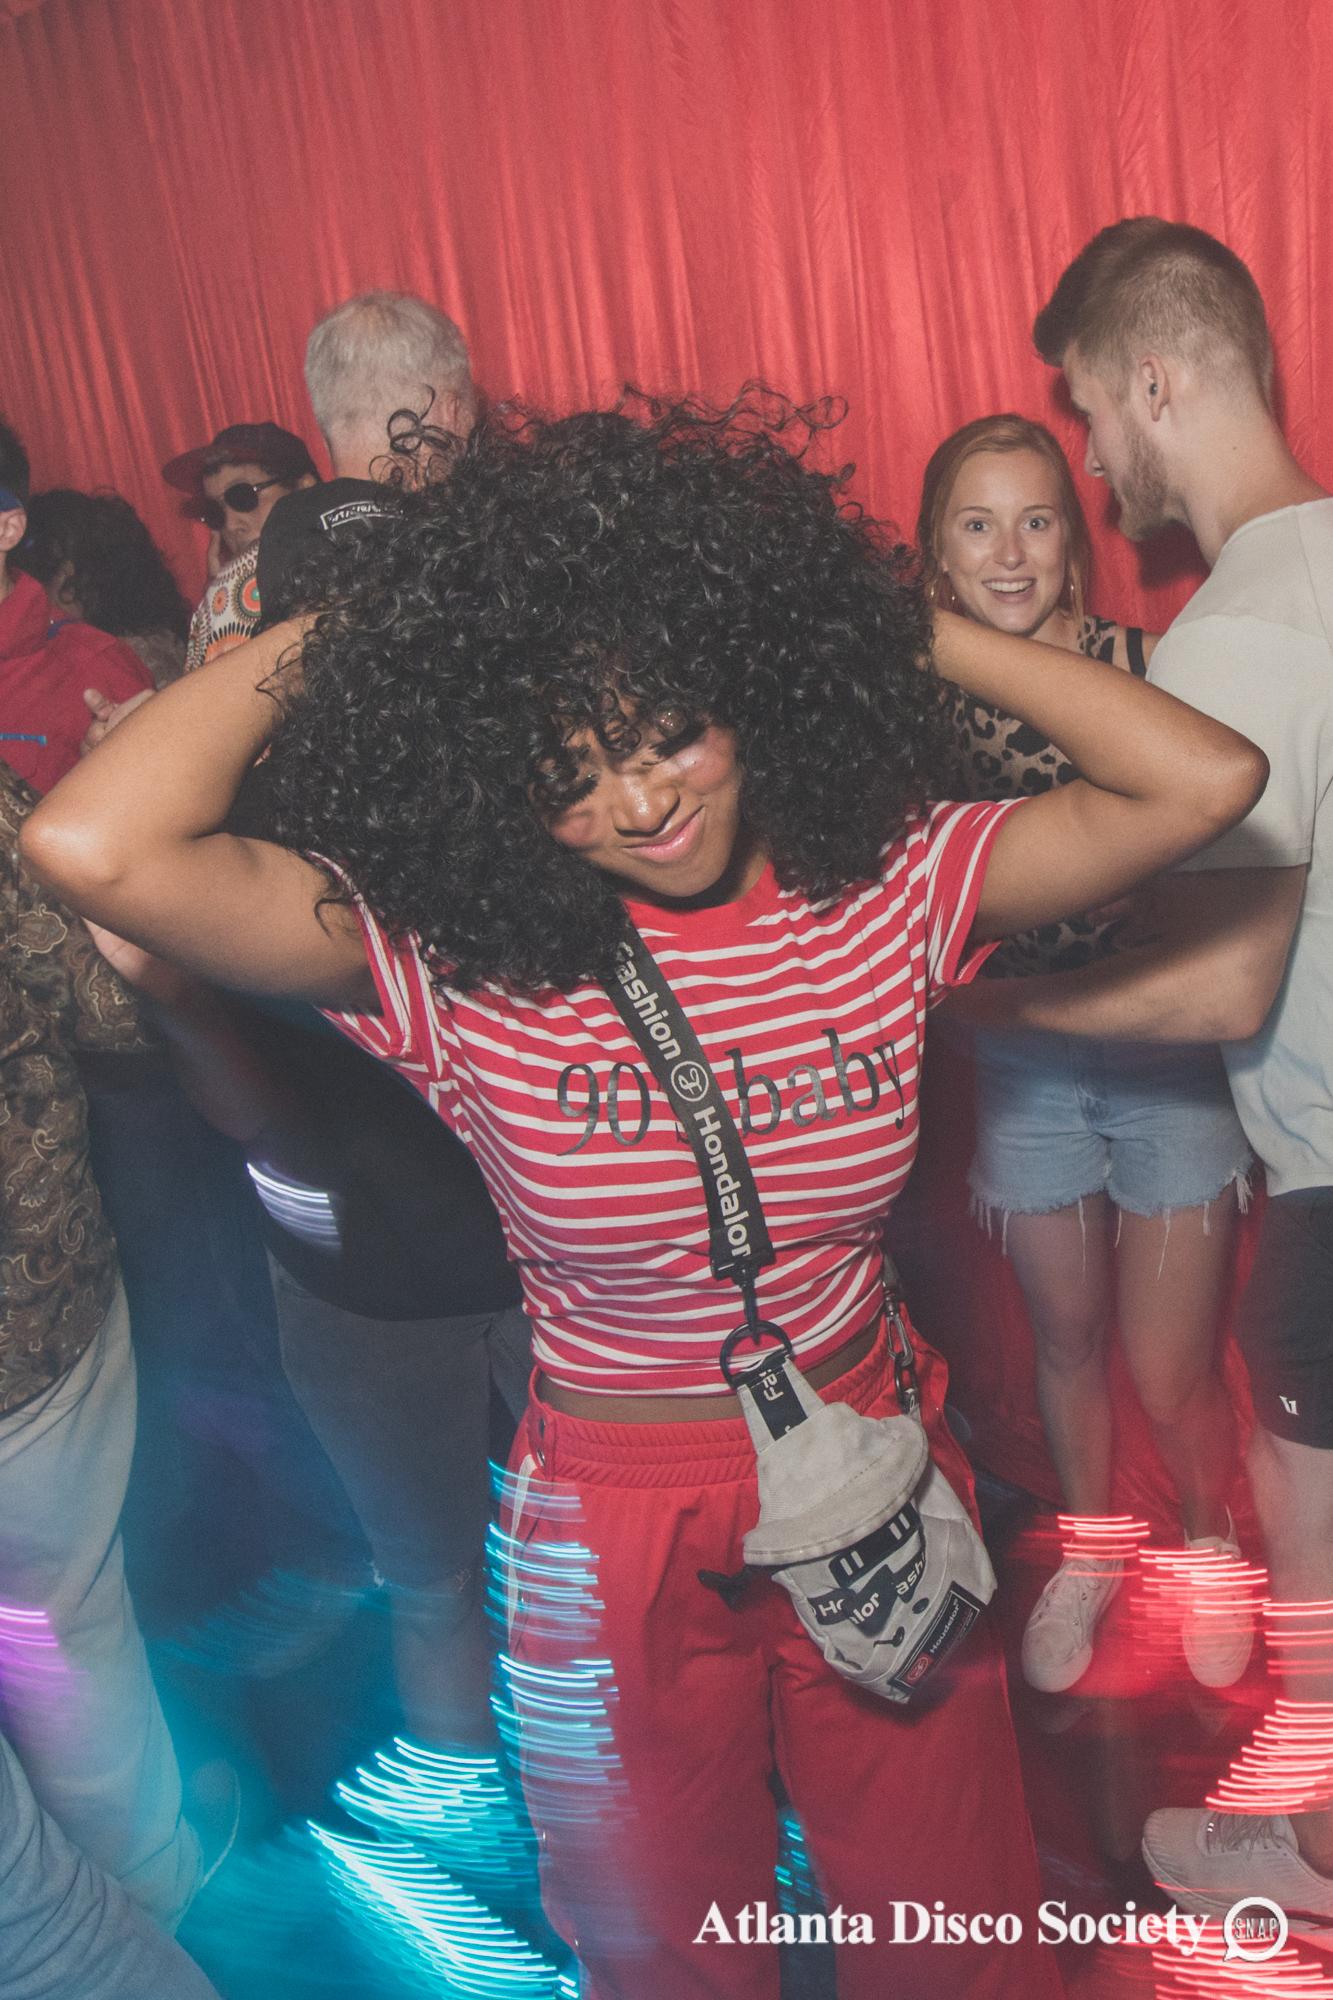 119Atlanta Disco Society Grace Kelly Oh Snap Kid 7.27.19.jpg